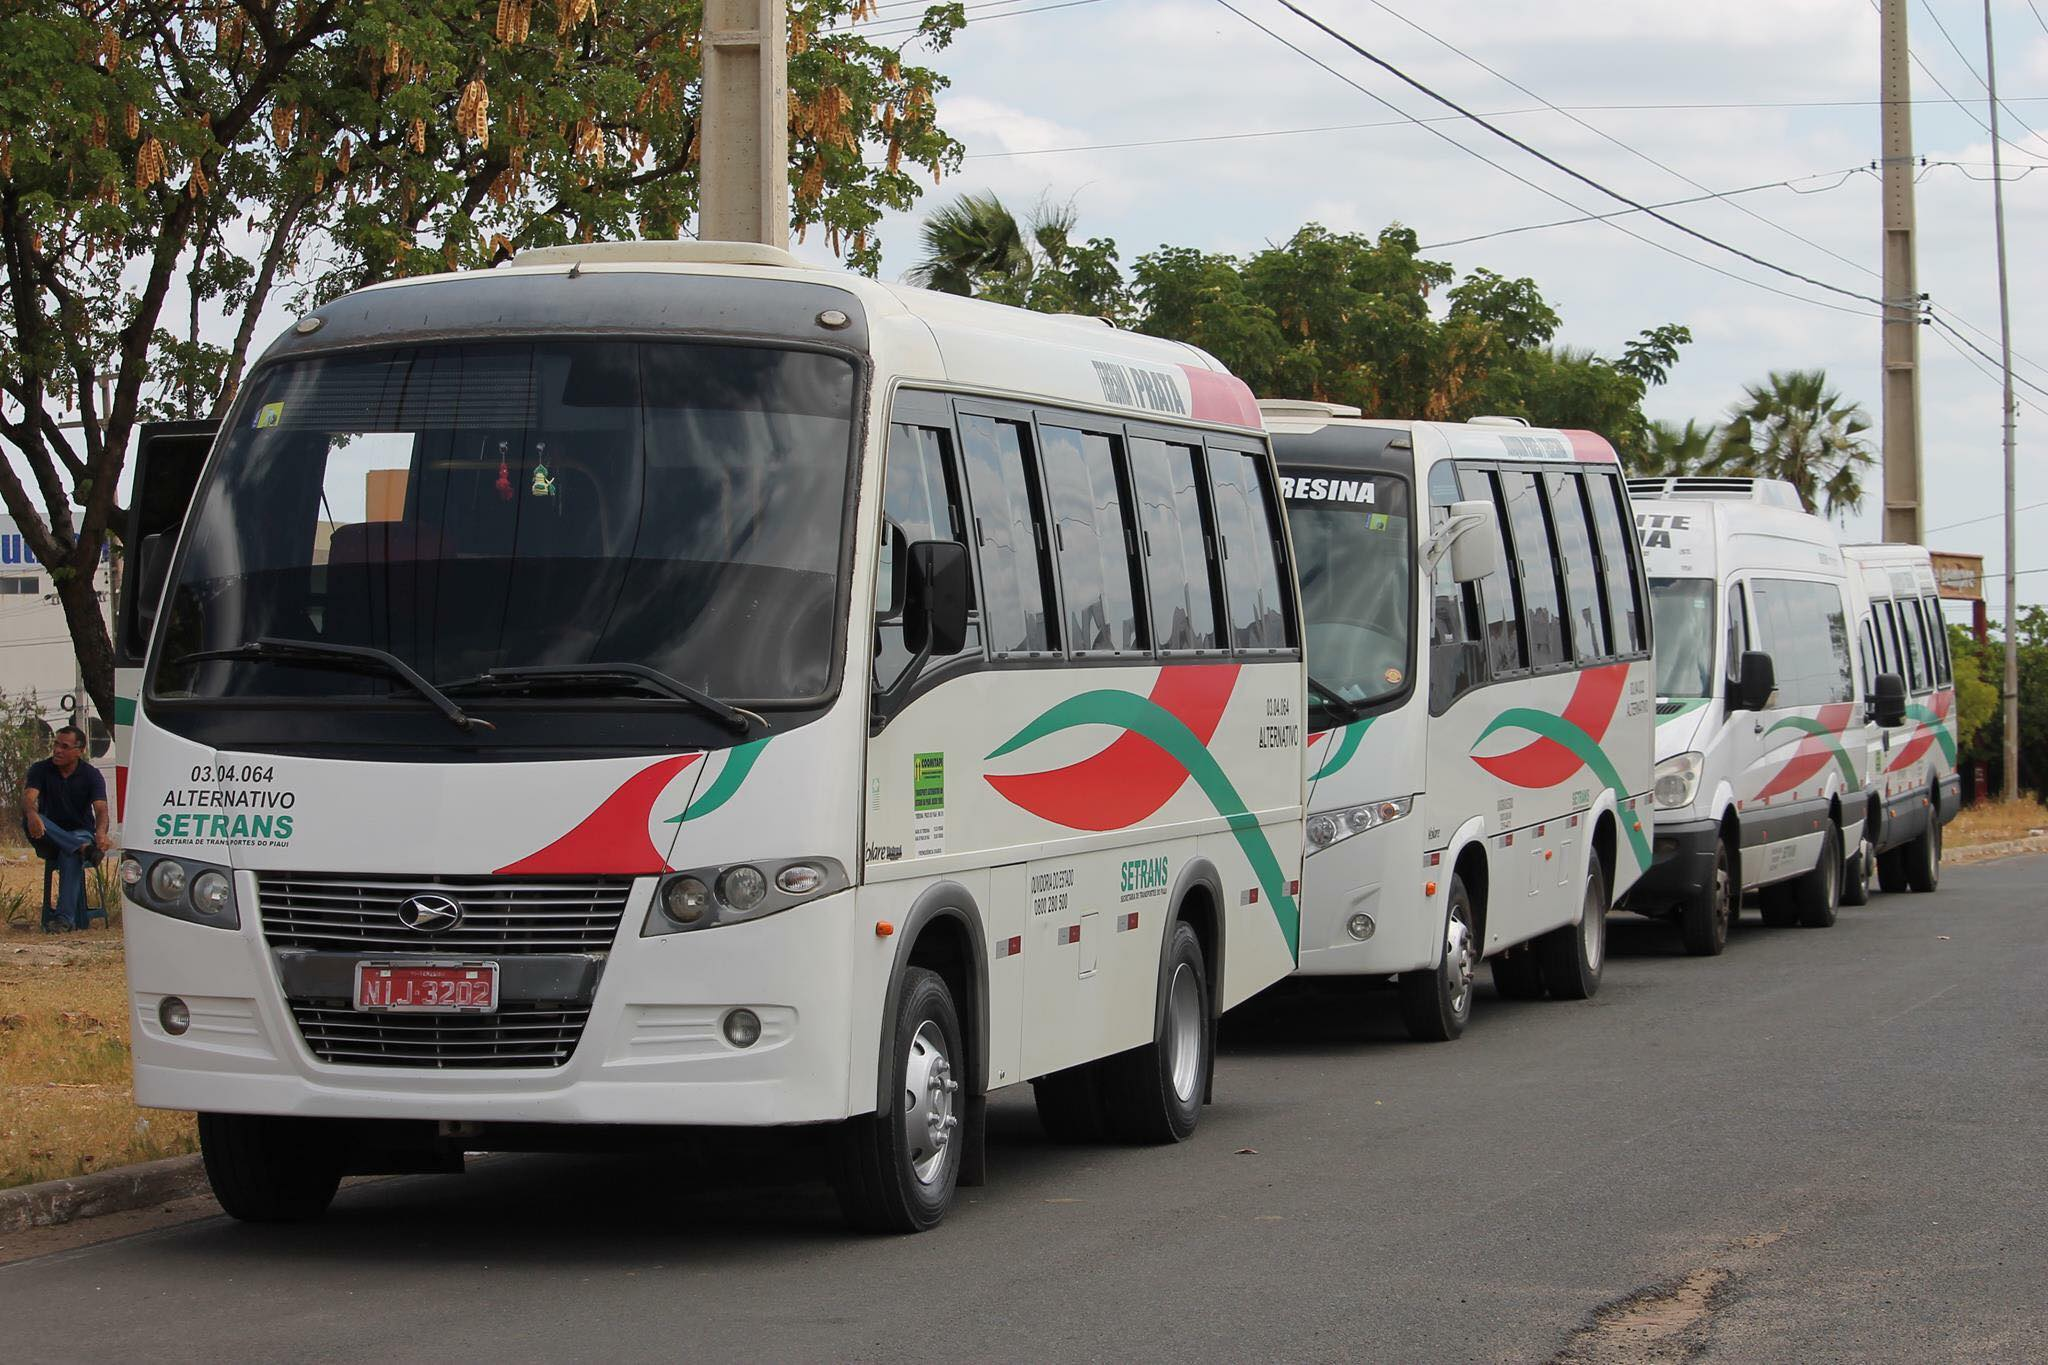 Transporte alternativo intermunicipal, sem licitação, saíra de circulação, conforme decisão do STF (Imagem Iliustrativa/ Redes Sociais)